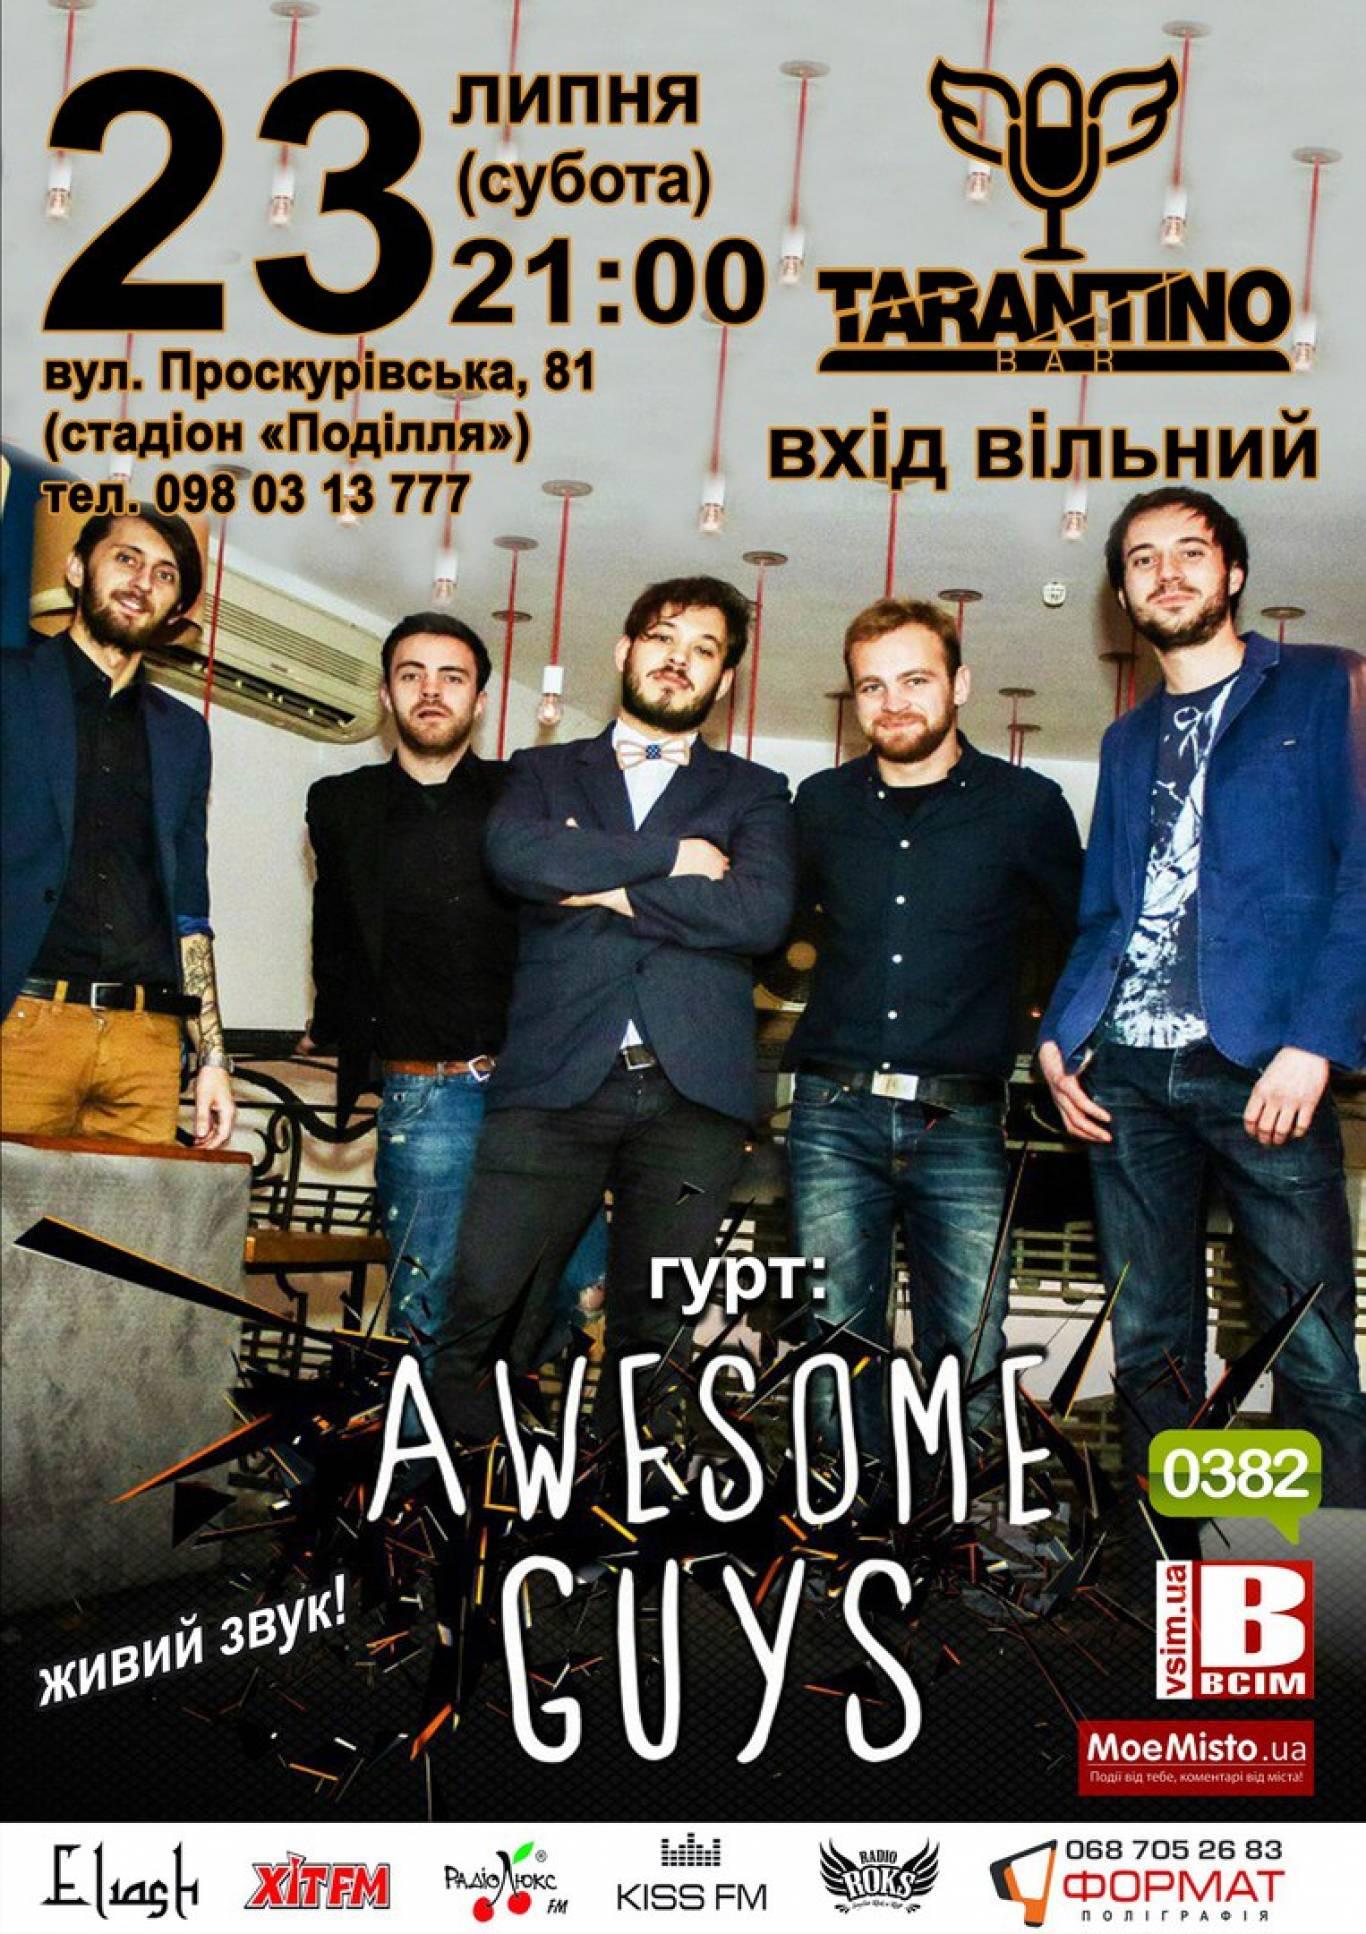 """Виступ кавер гурту """"Awesome Guys"""""""